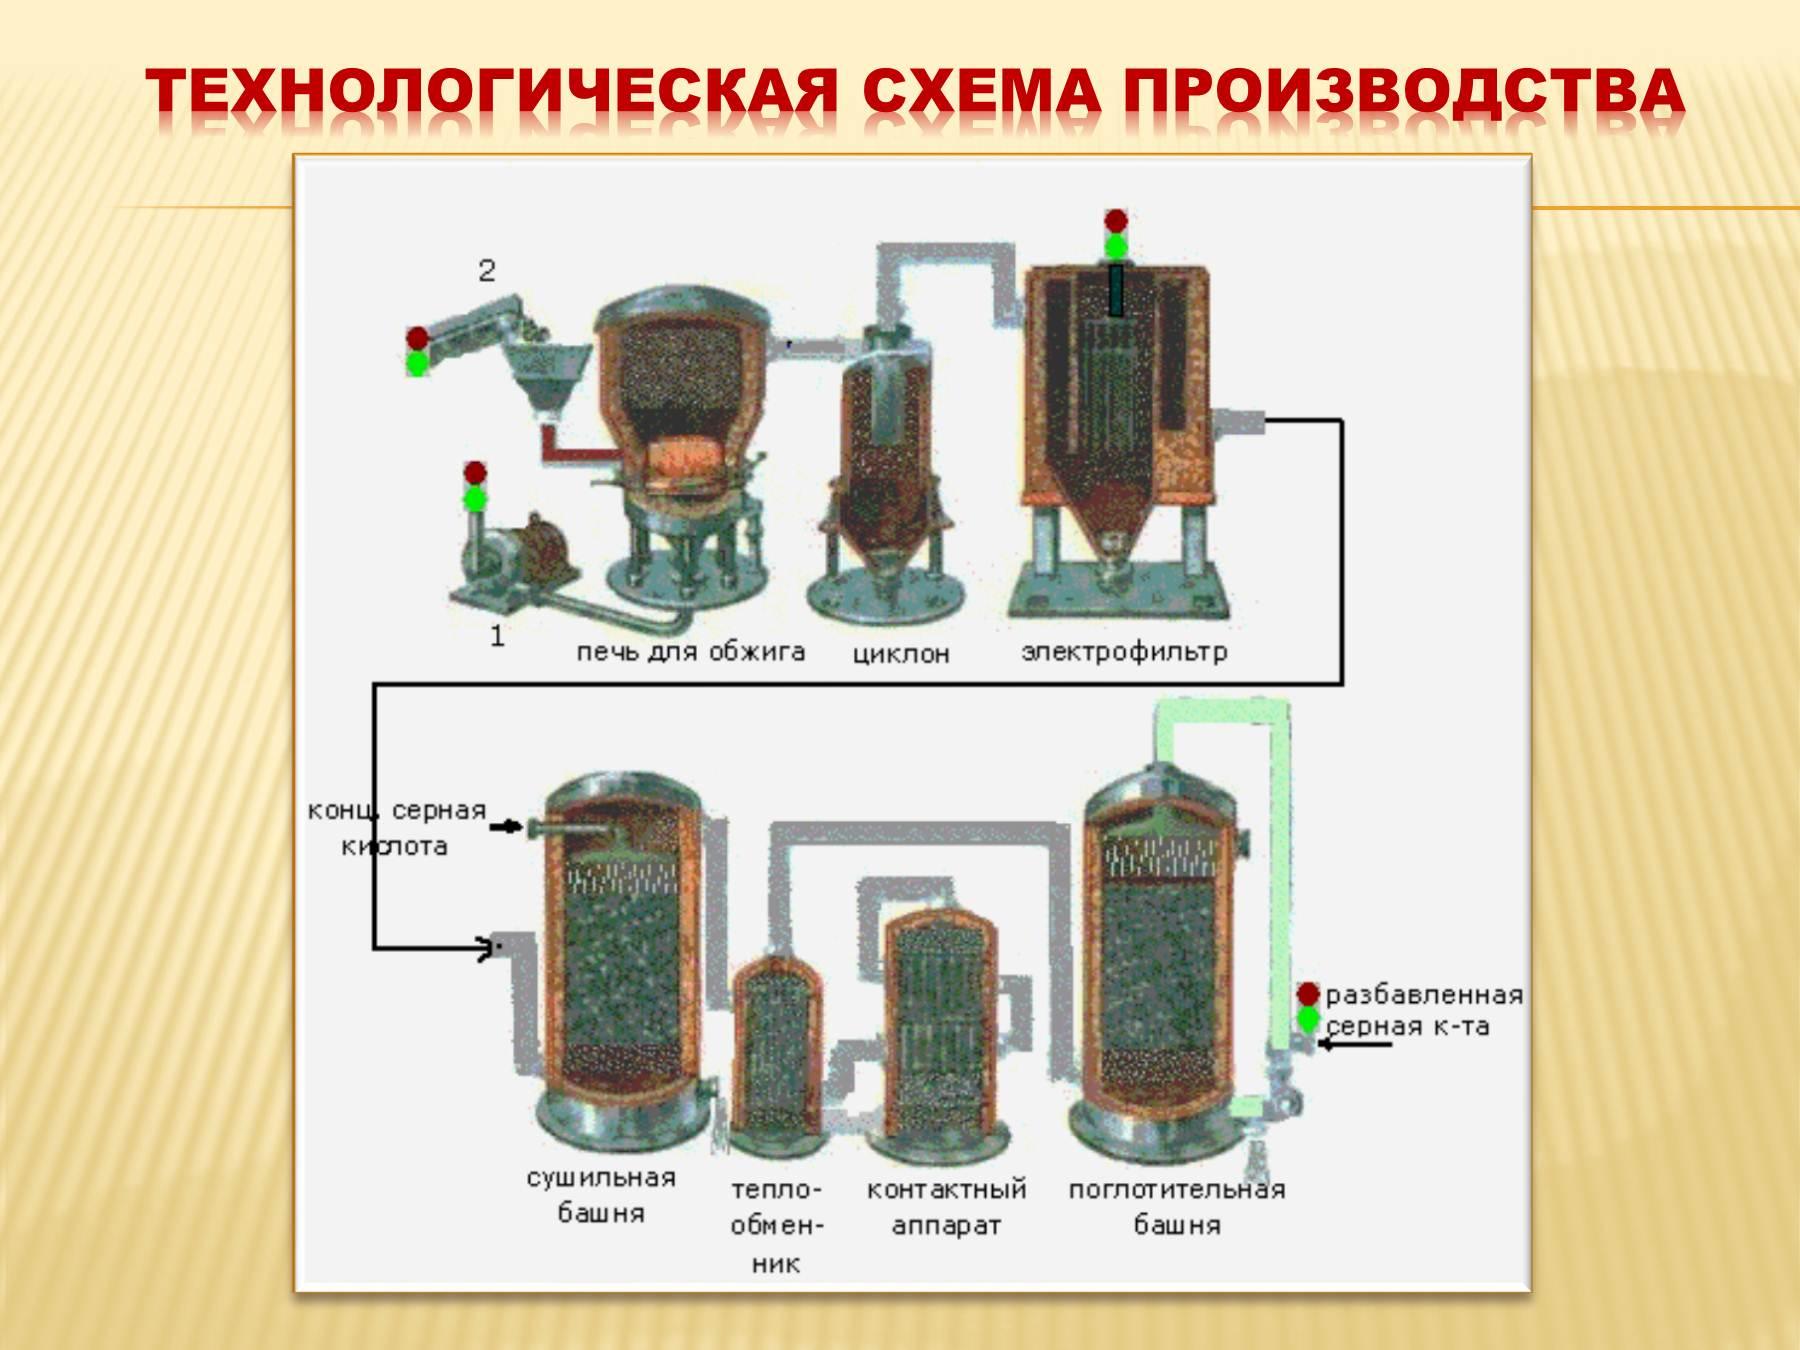 Функциональная схема производства серной кислоты из колчедана